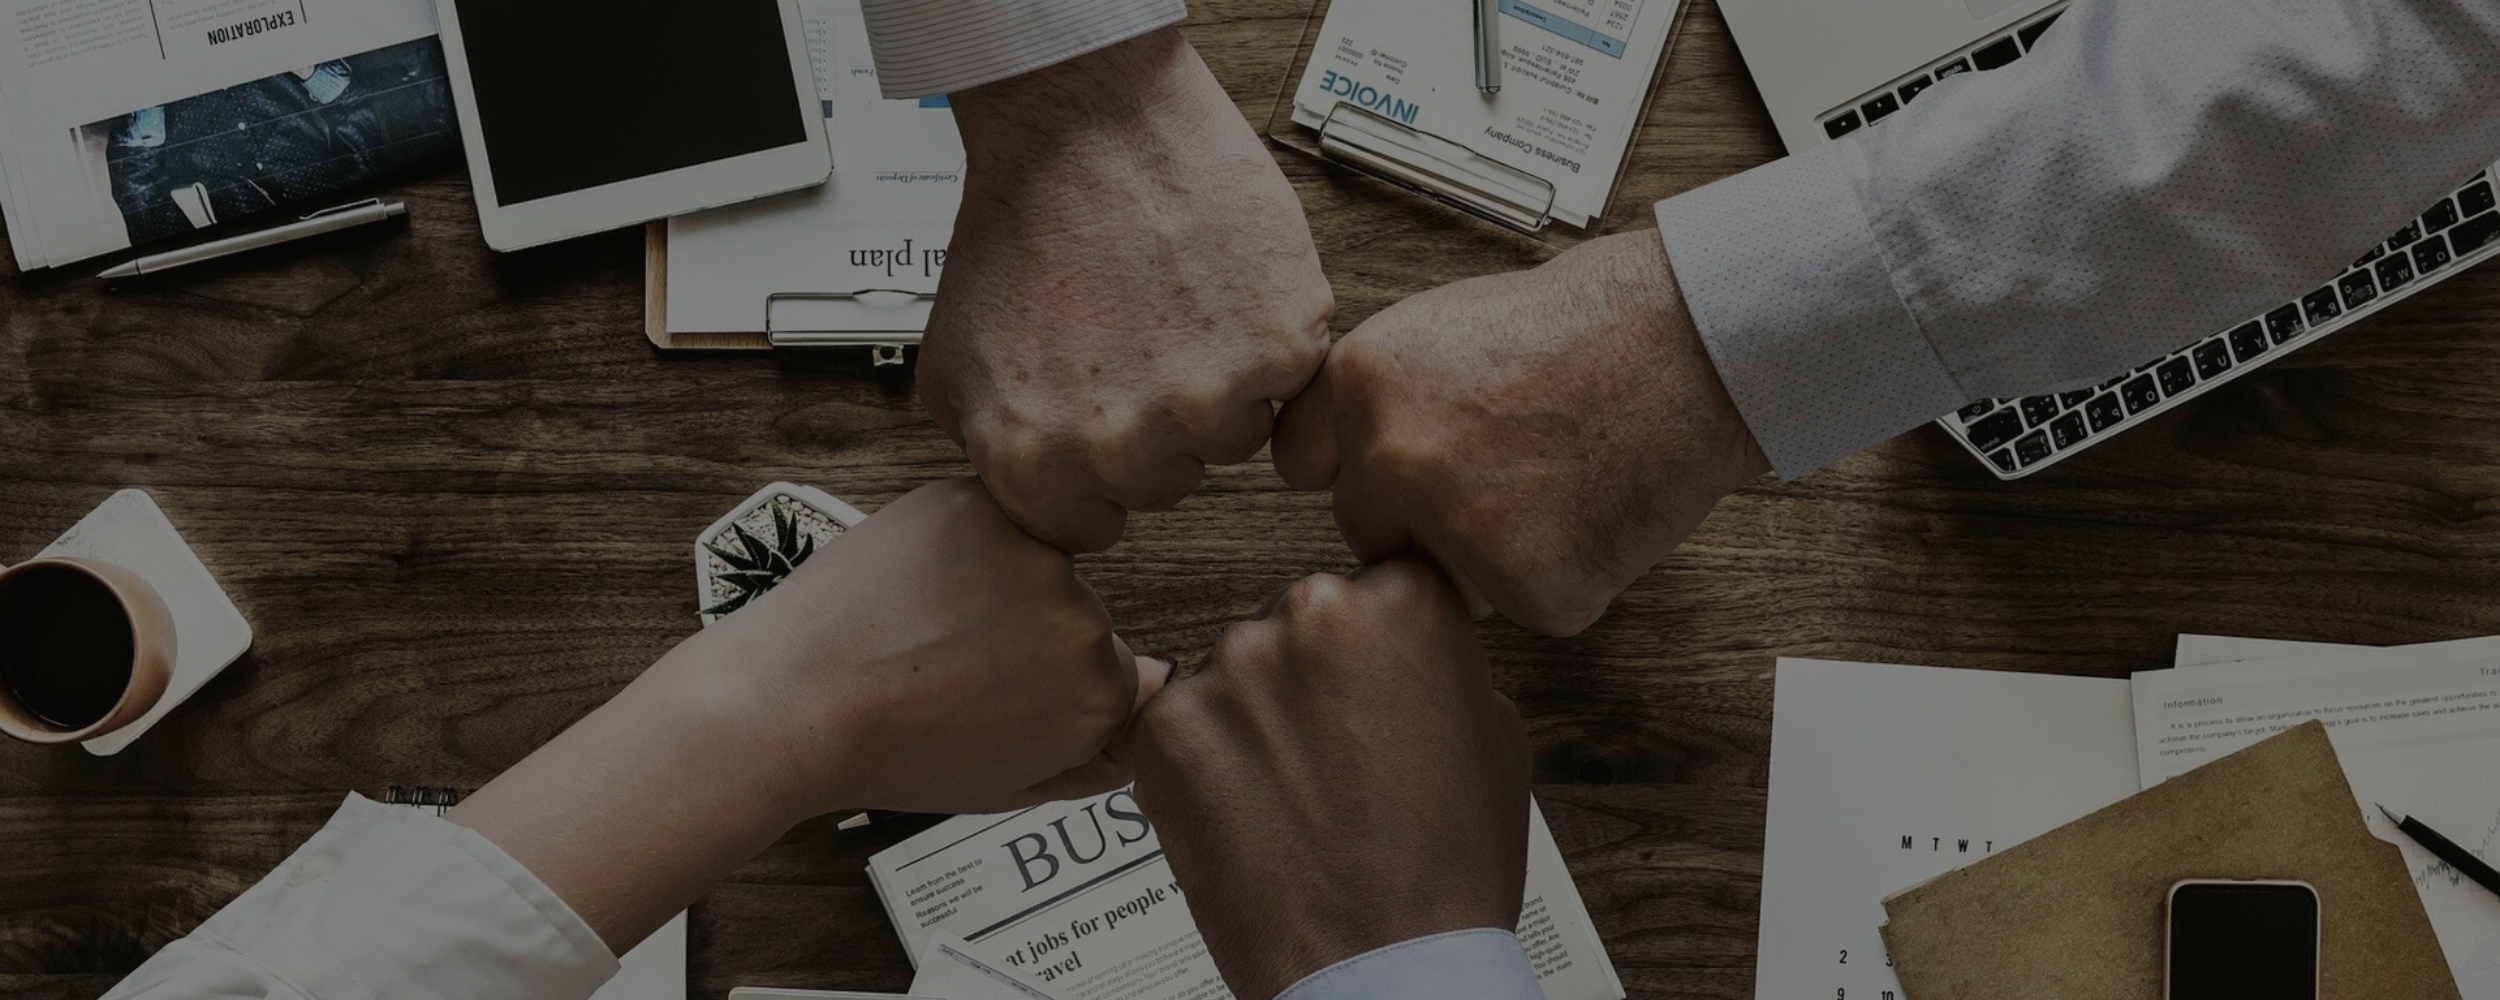 ADICAE-SERJUR: profesionales al servicio de los consumidores